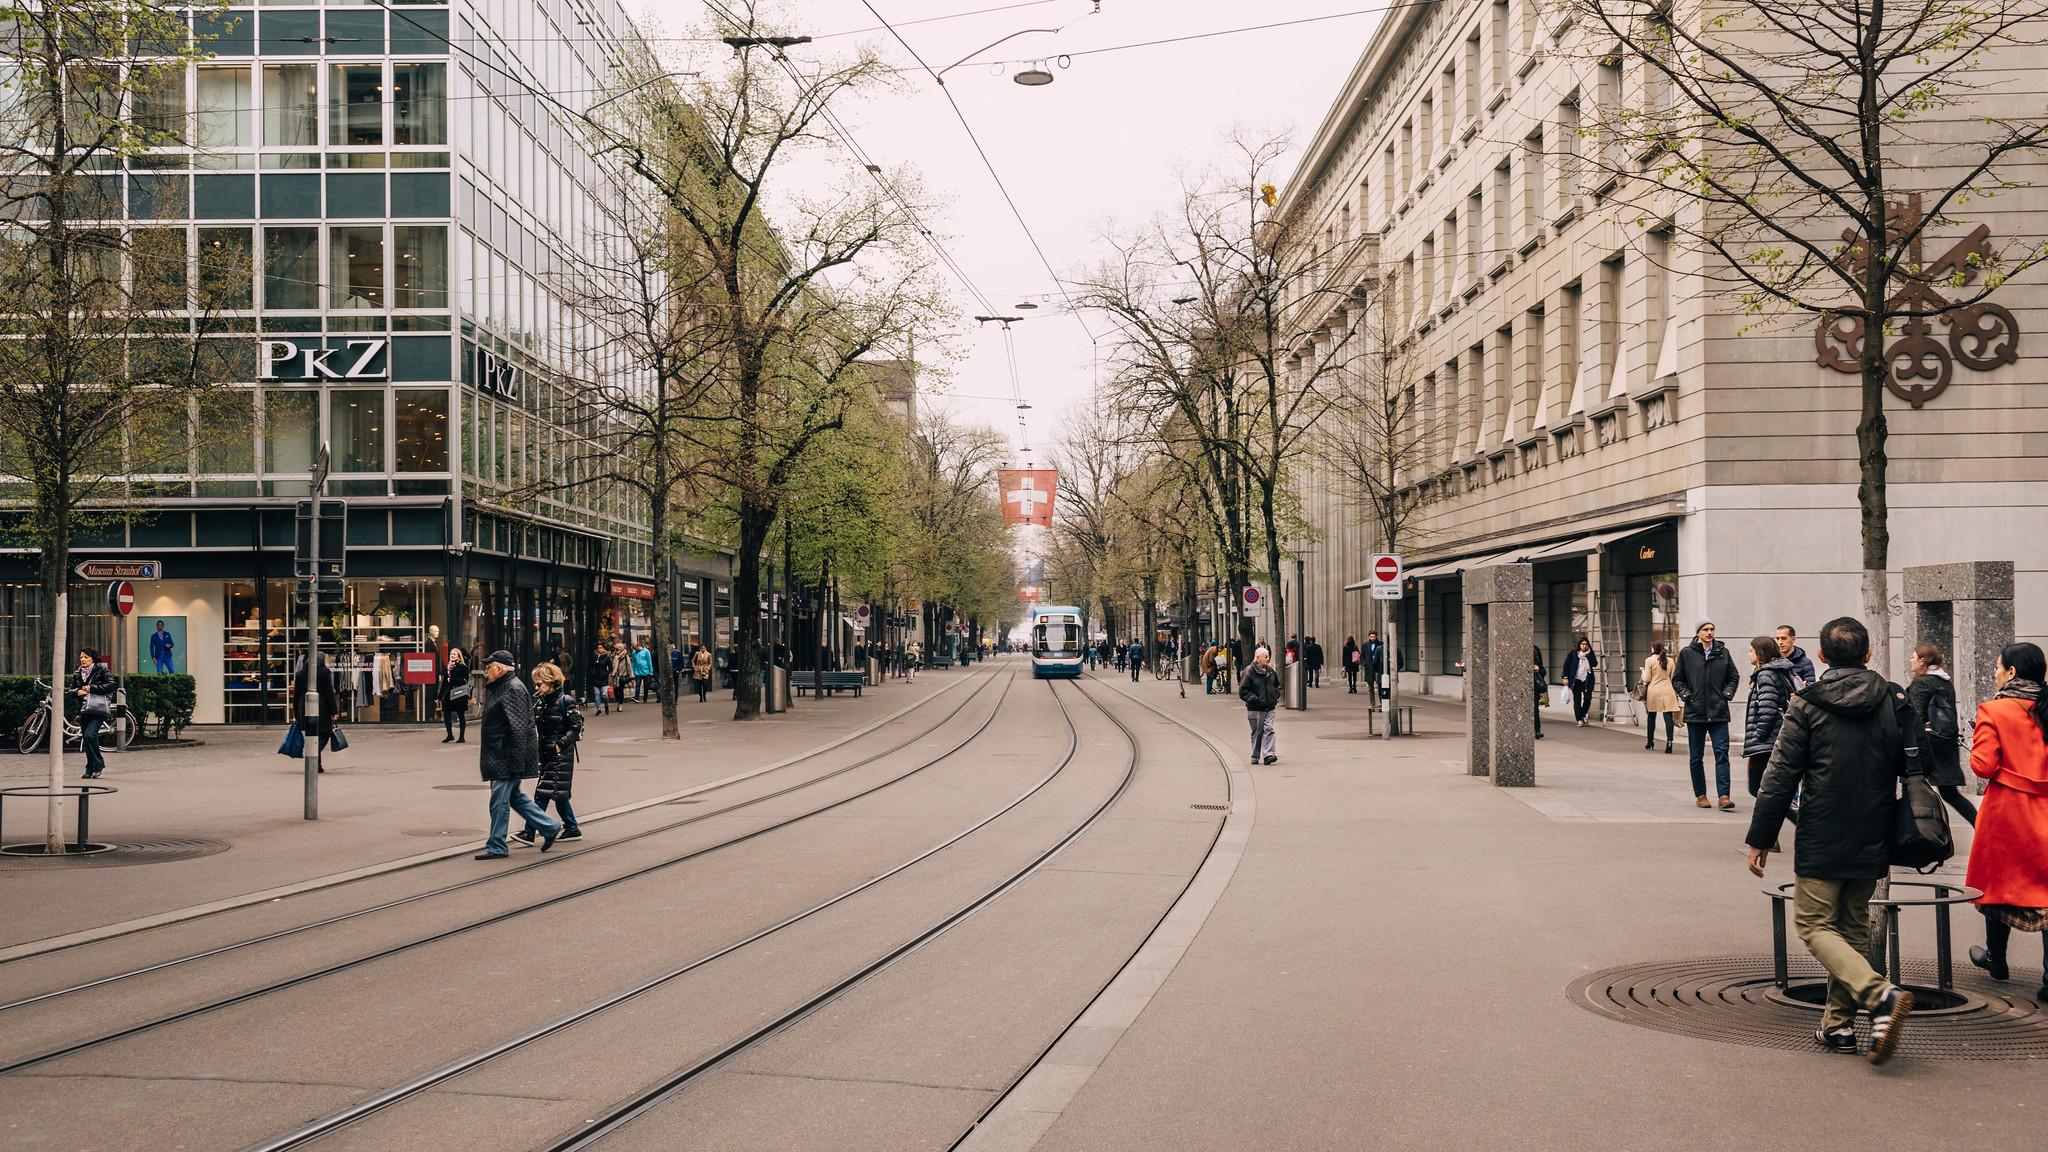 Looking down Bahnhofstrasse